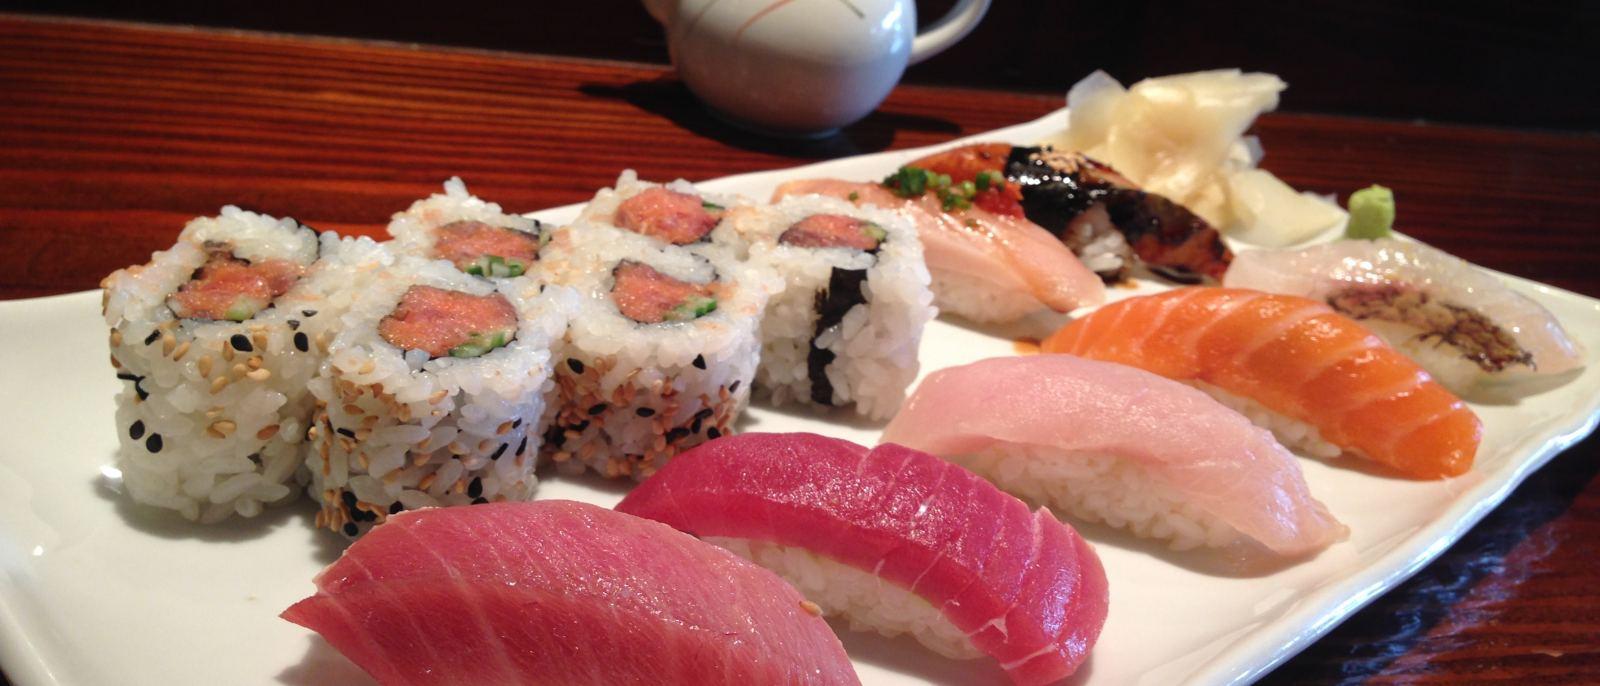 Deluxe Jou Sushi Moriwase at Kiriko